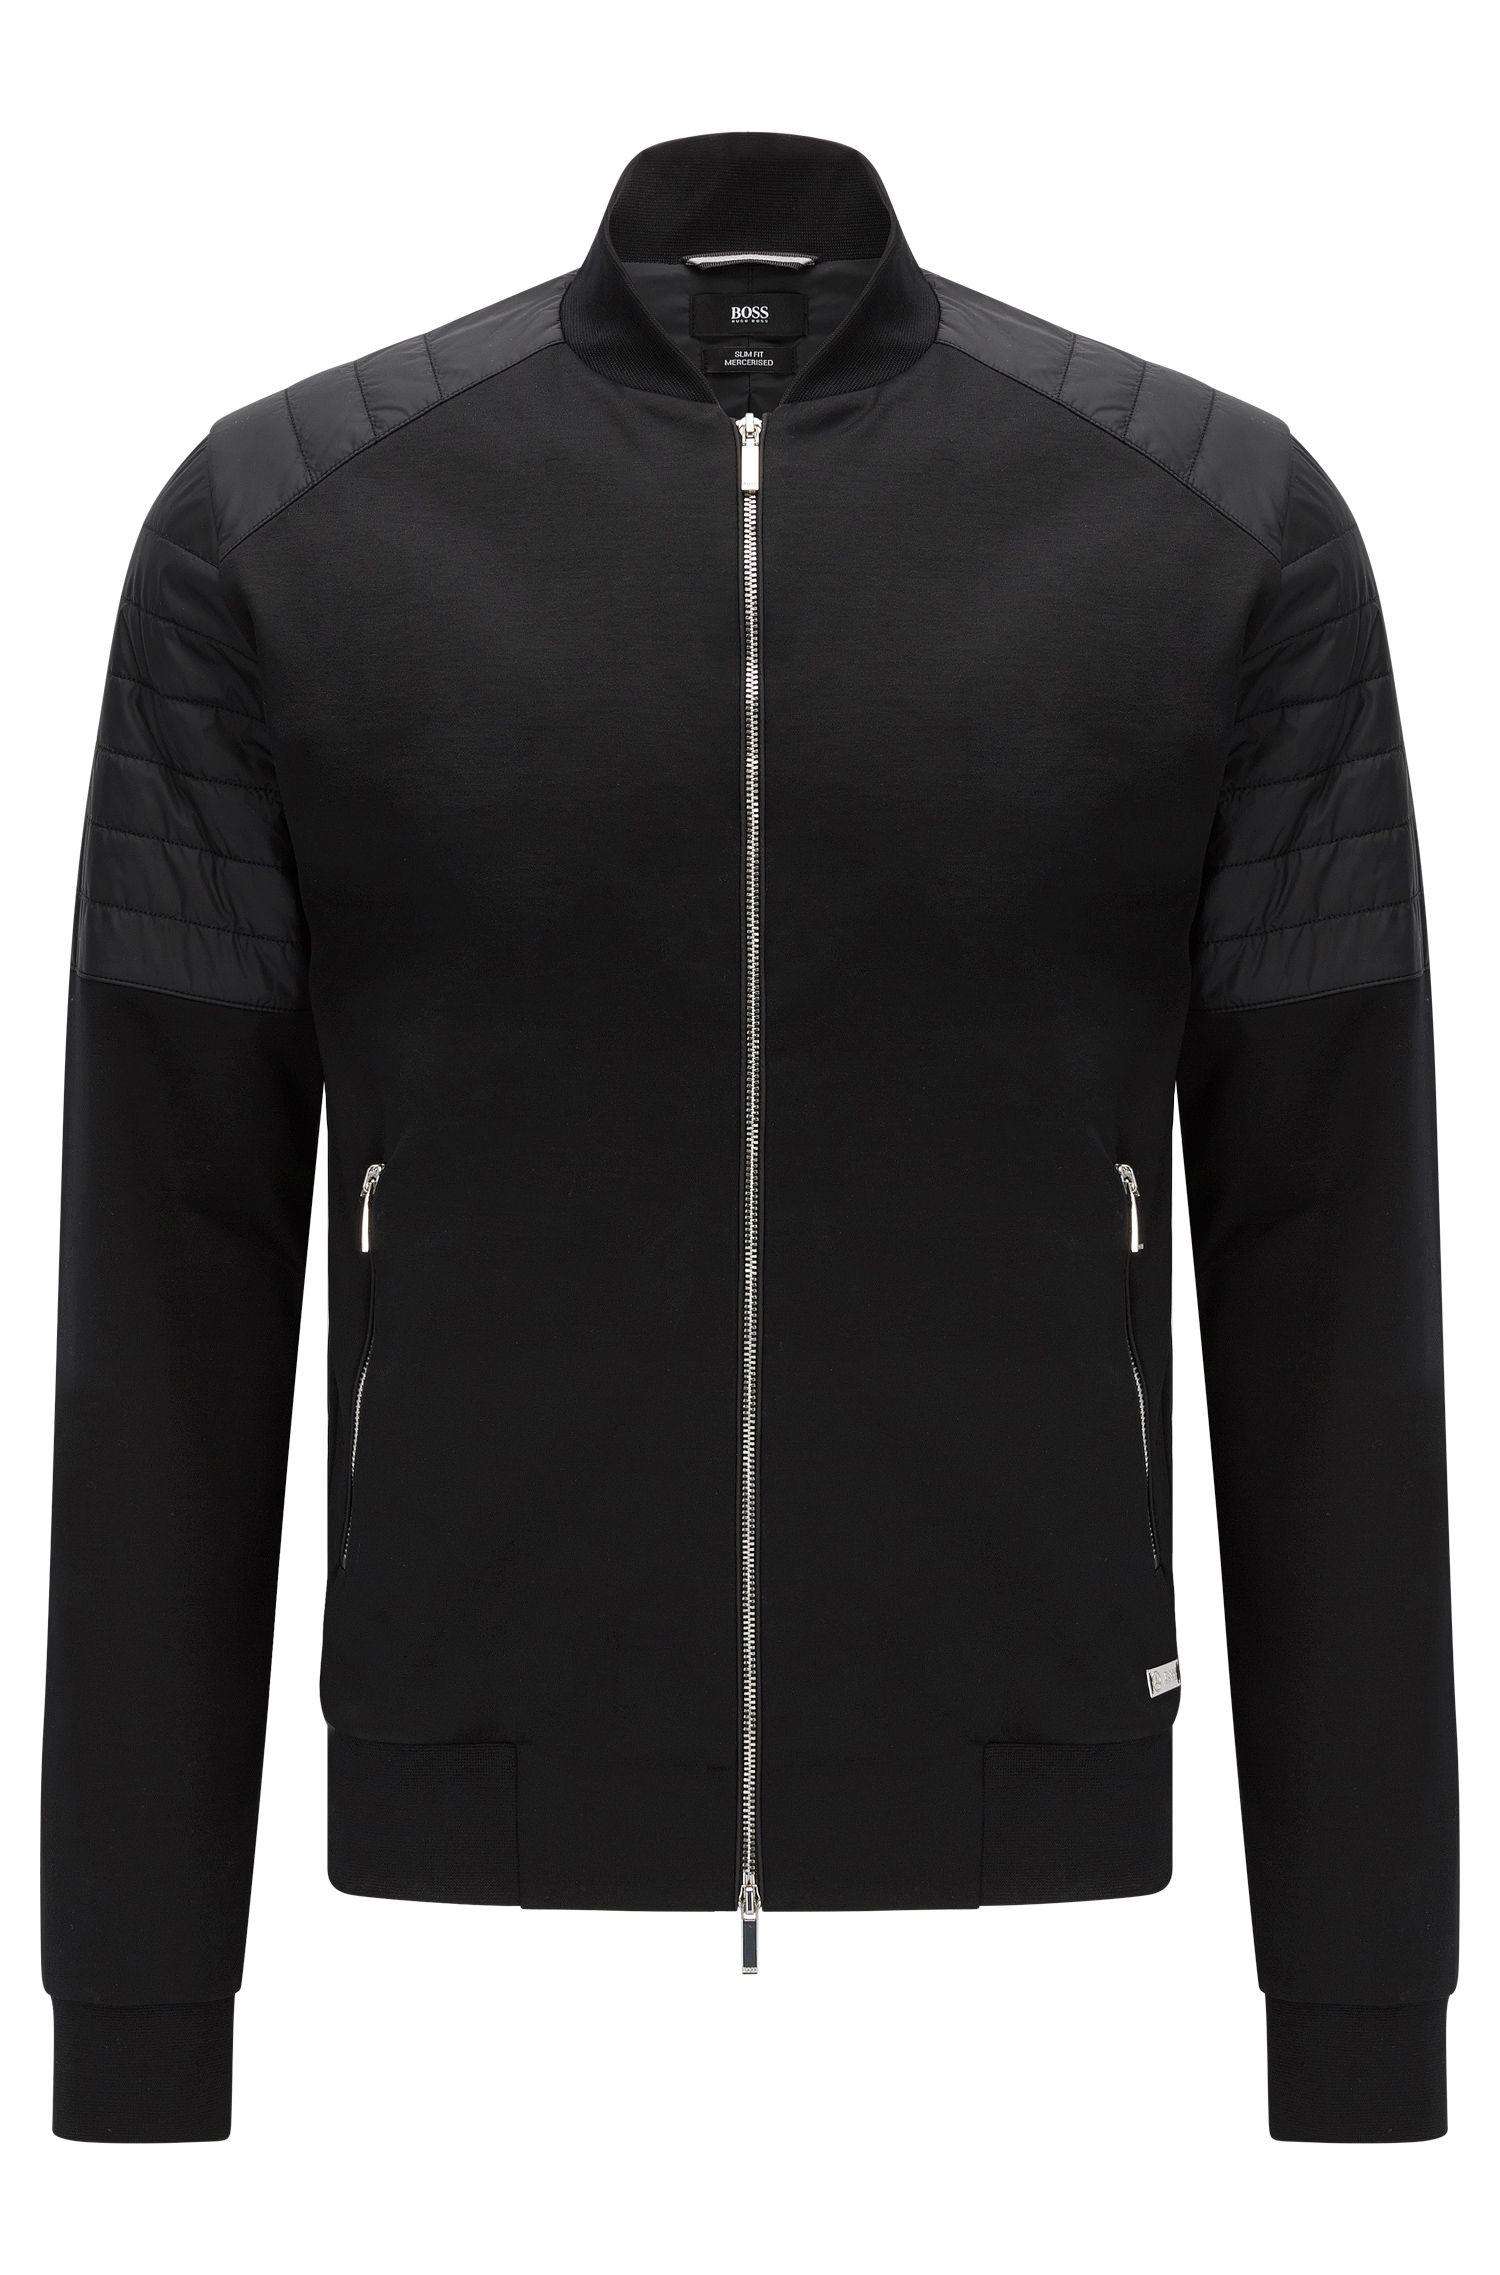 Slim-Fit Sweatshirt-Jacke aus merzerisierter Stretch-Baumwolle: 'Salea 07' aus der Mercedes-Benz-Kollektion